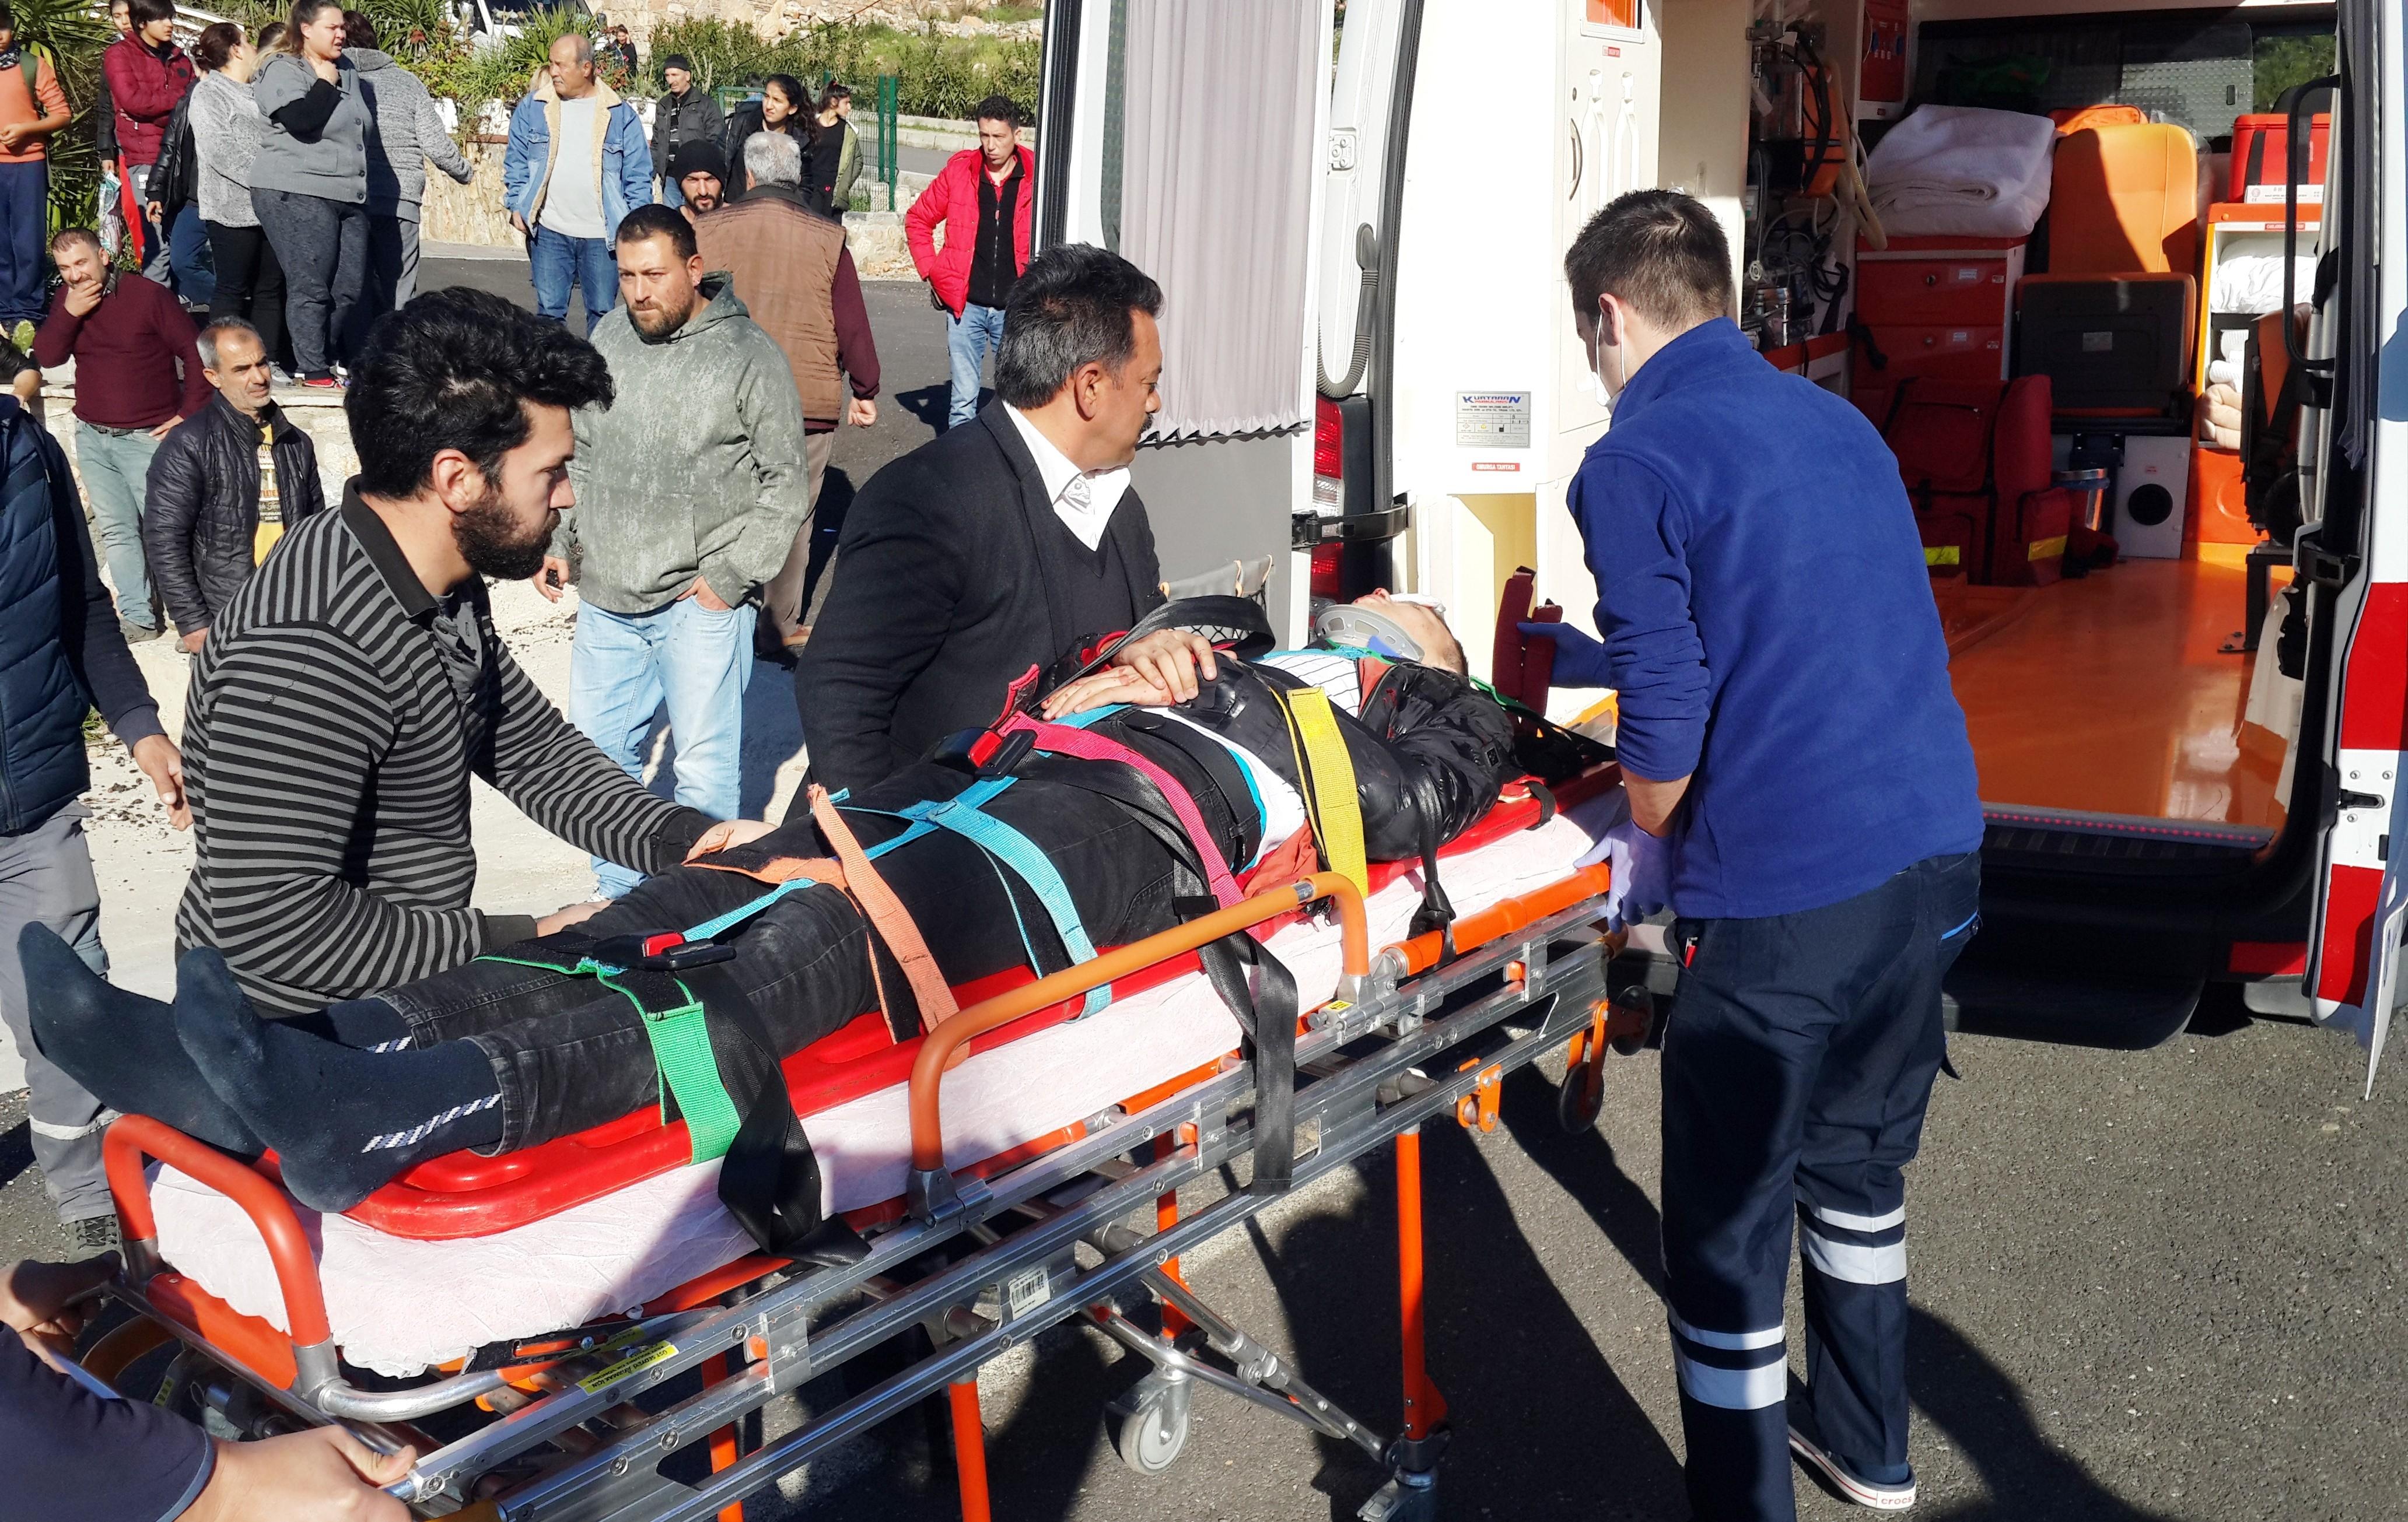 konacık kaza KONACIK'TA MEYDANA GELEN KAZADA 2 GENÇ YARALANDI… konacik motor kazasi 3